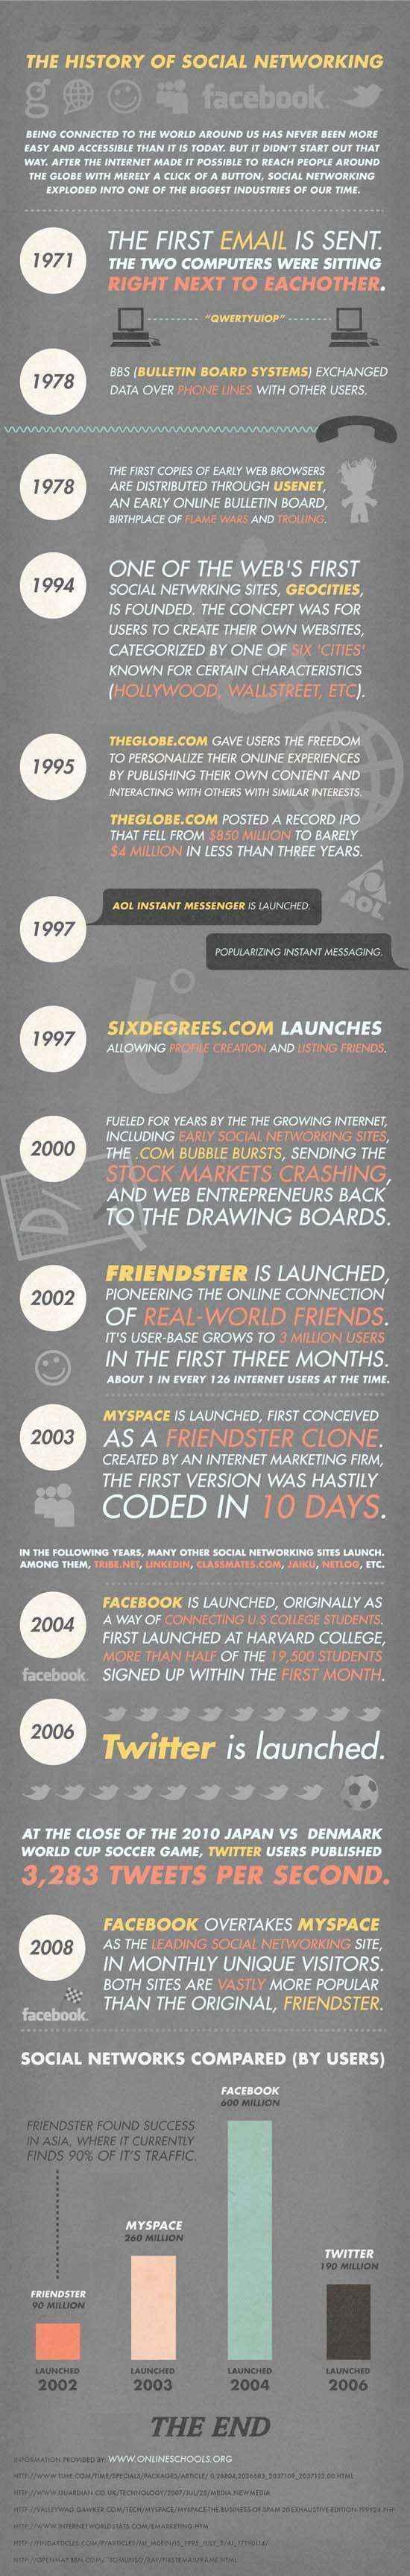 infografia-historia-redes-sociales